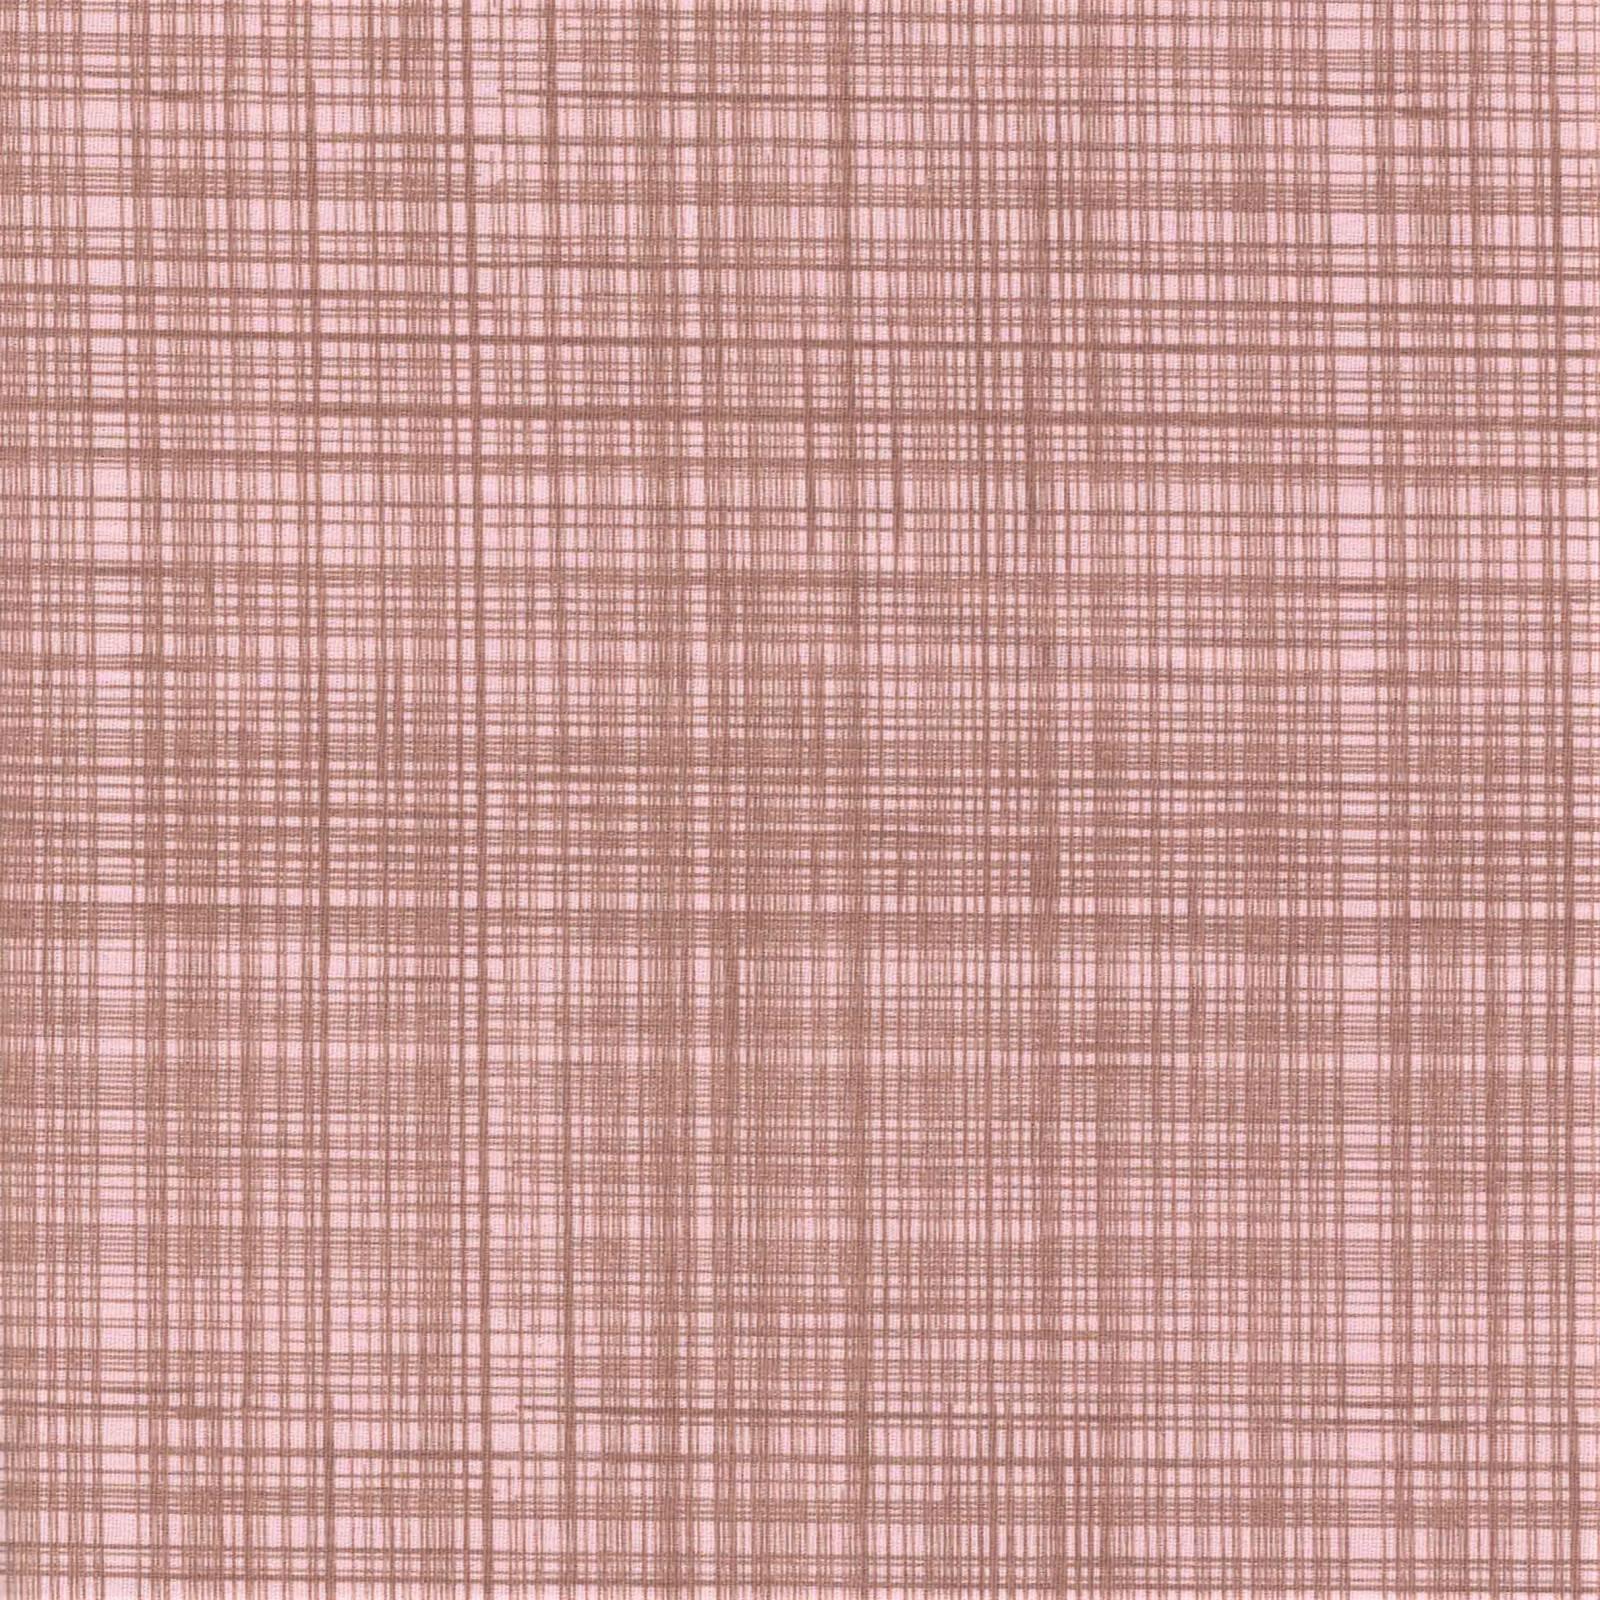 Textura Riscada Rosa Chá Com Marrom Ref.1292 Cor 84 Peripan - Armarinhos Nodari